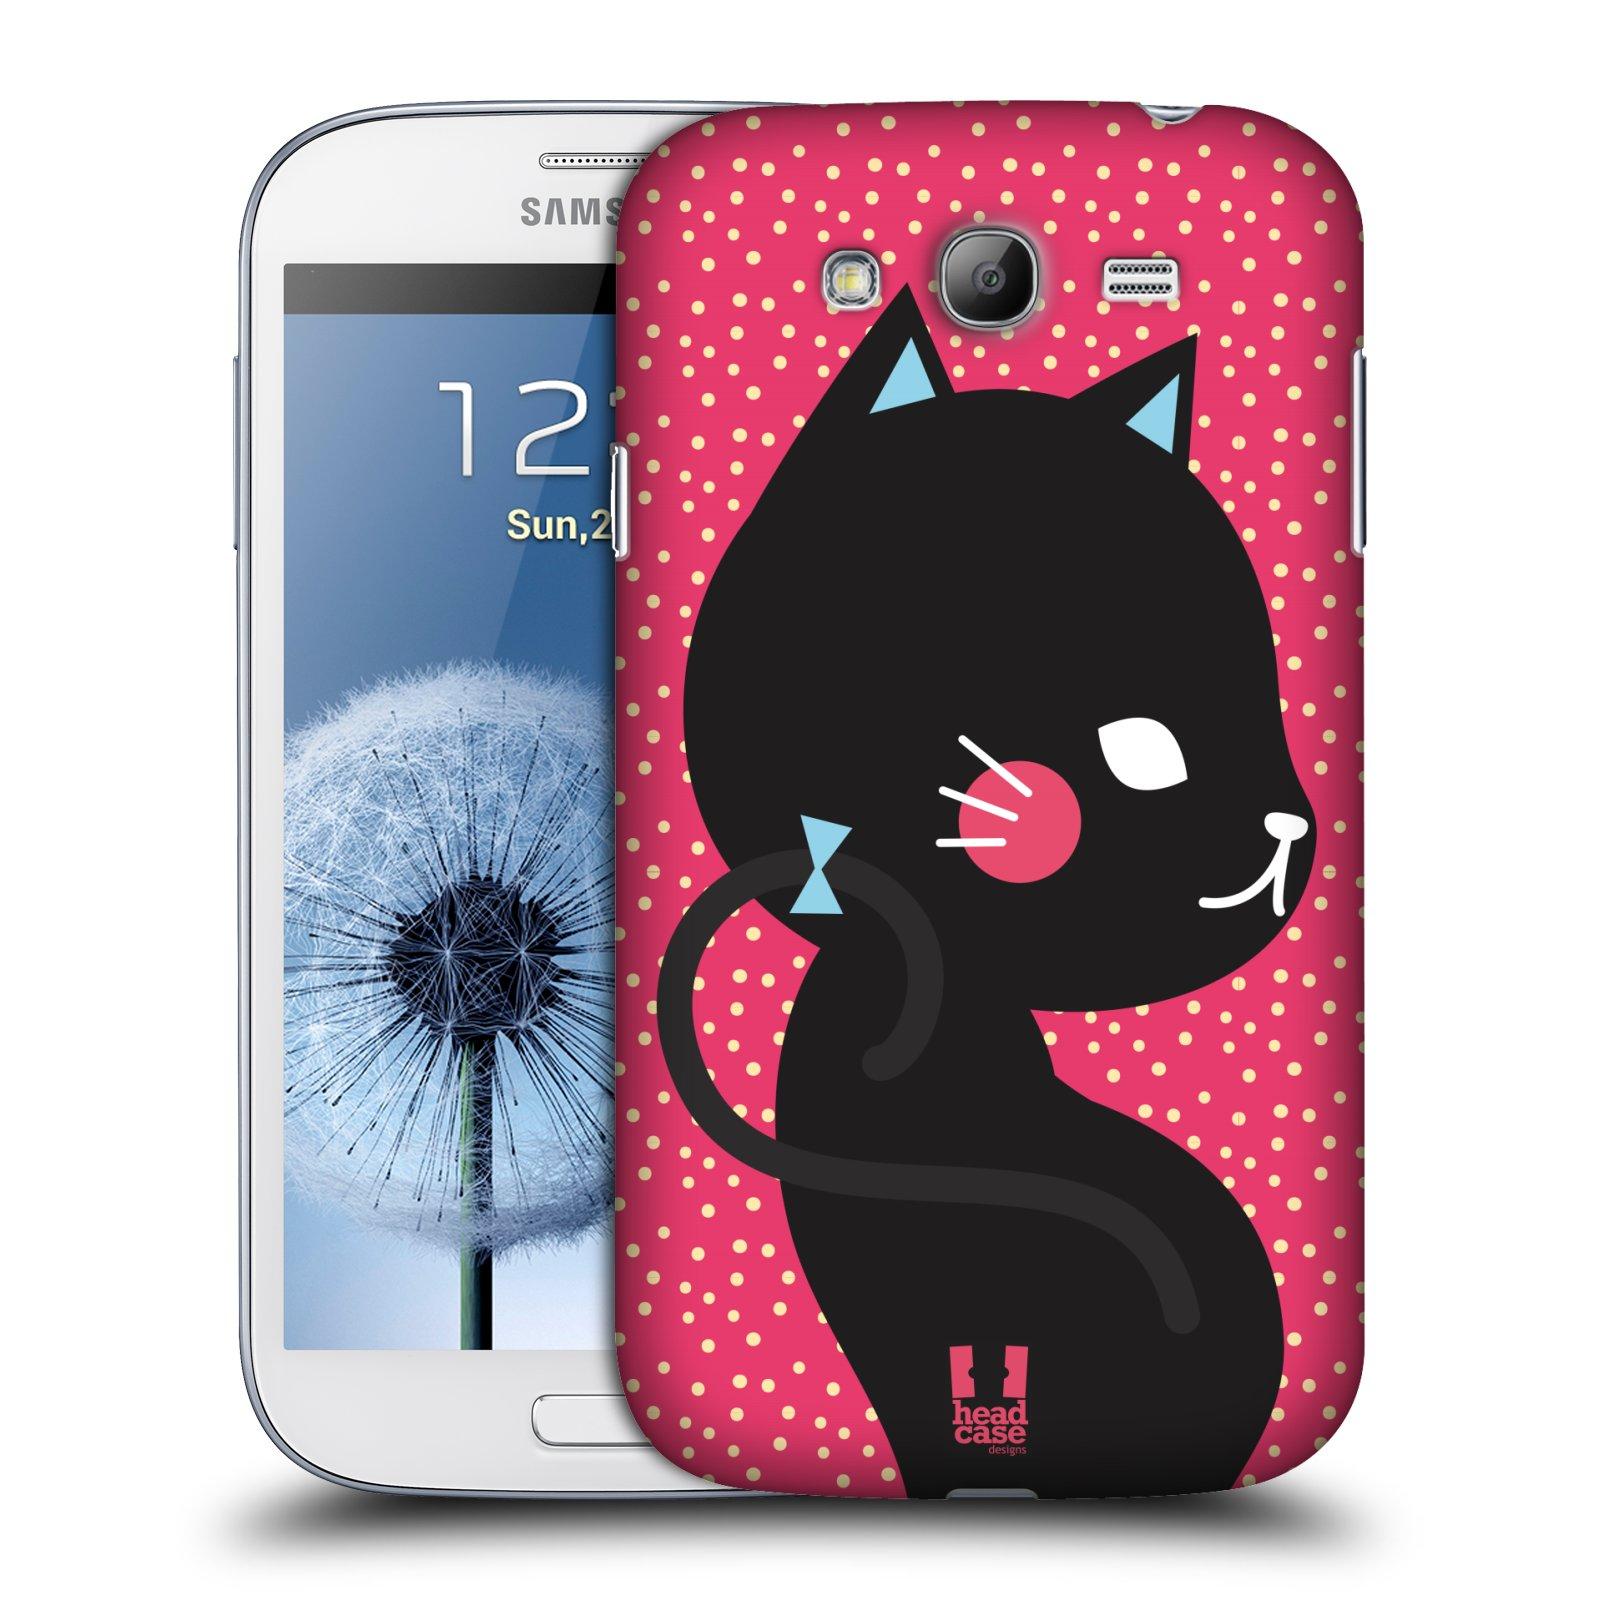 Plastové pouzdro na mobil Samsung Galaxy Grand Neo HEAD CASE KOČIČKA ČERNÁ NA RŮŽOVÉ (Kryt či obal na mobilní telefon Samsung Galaxy Grand Neo GT-i9060)